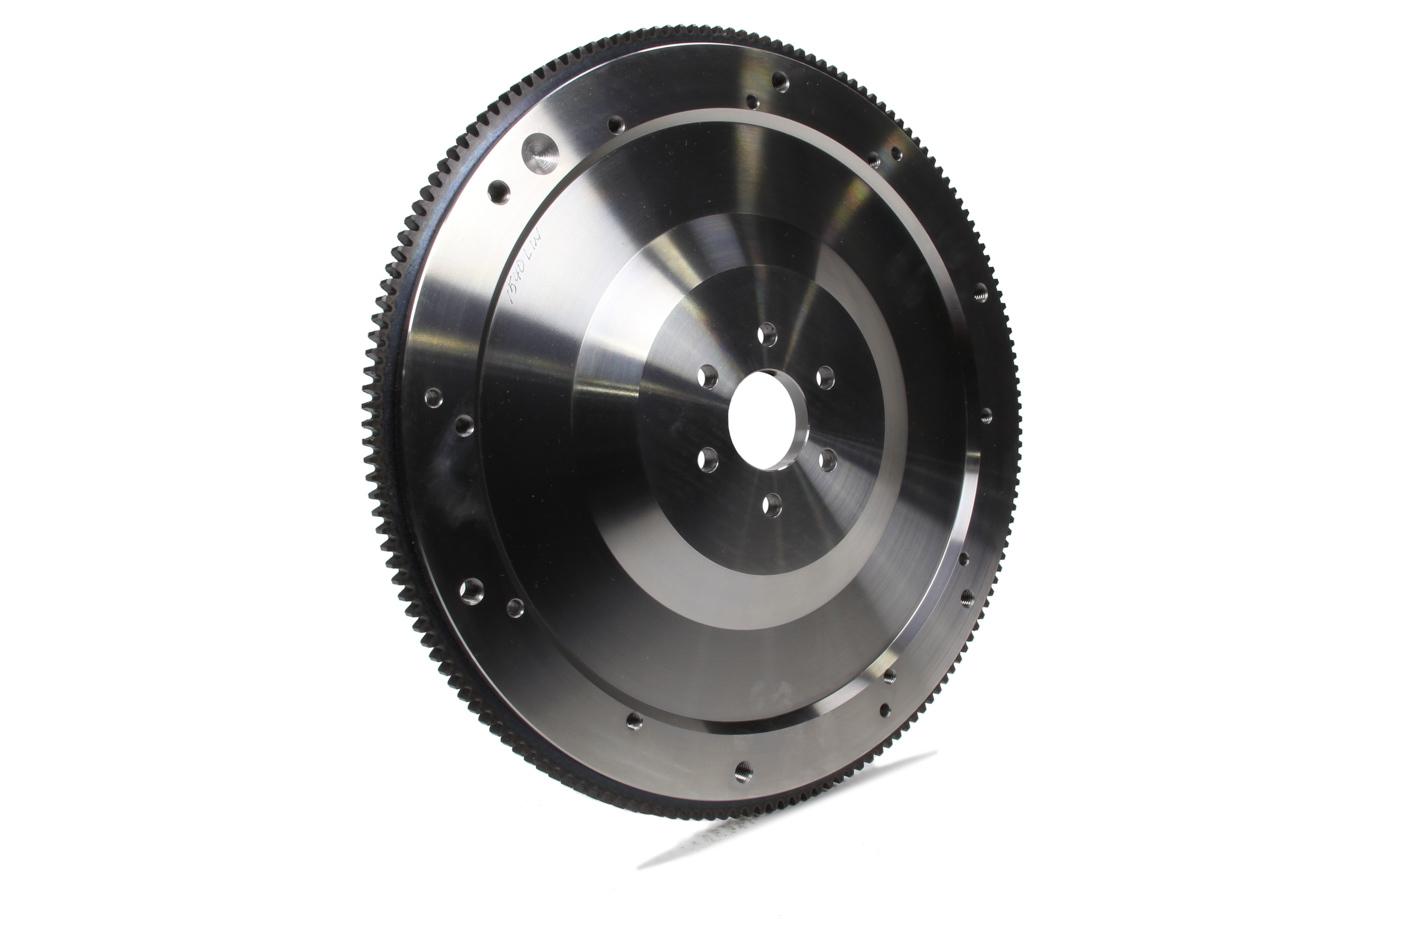 Ram Clutch 1540LW Flywheel, 164 Tooth, 25 lb, SFI 1.1, Steel, Natural, Internal Balance, Ford Modular, Each